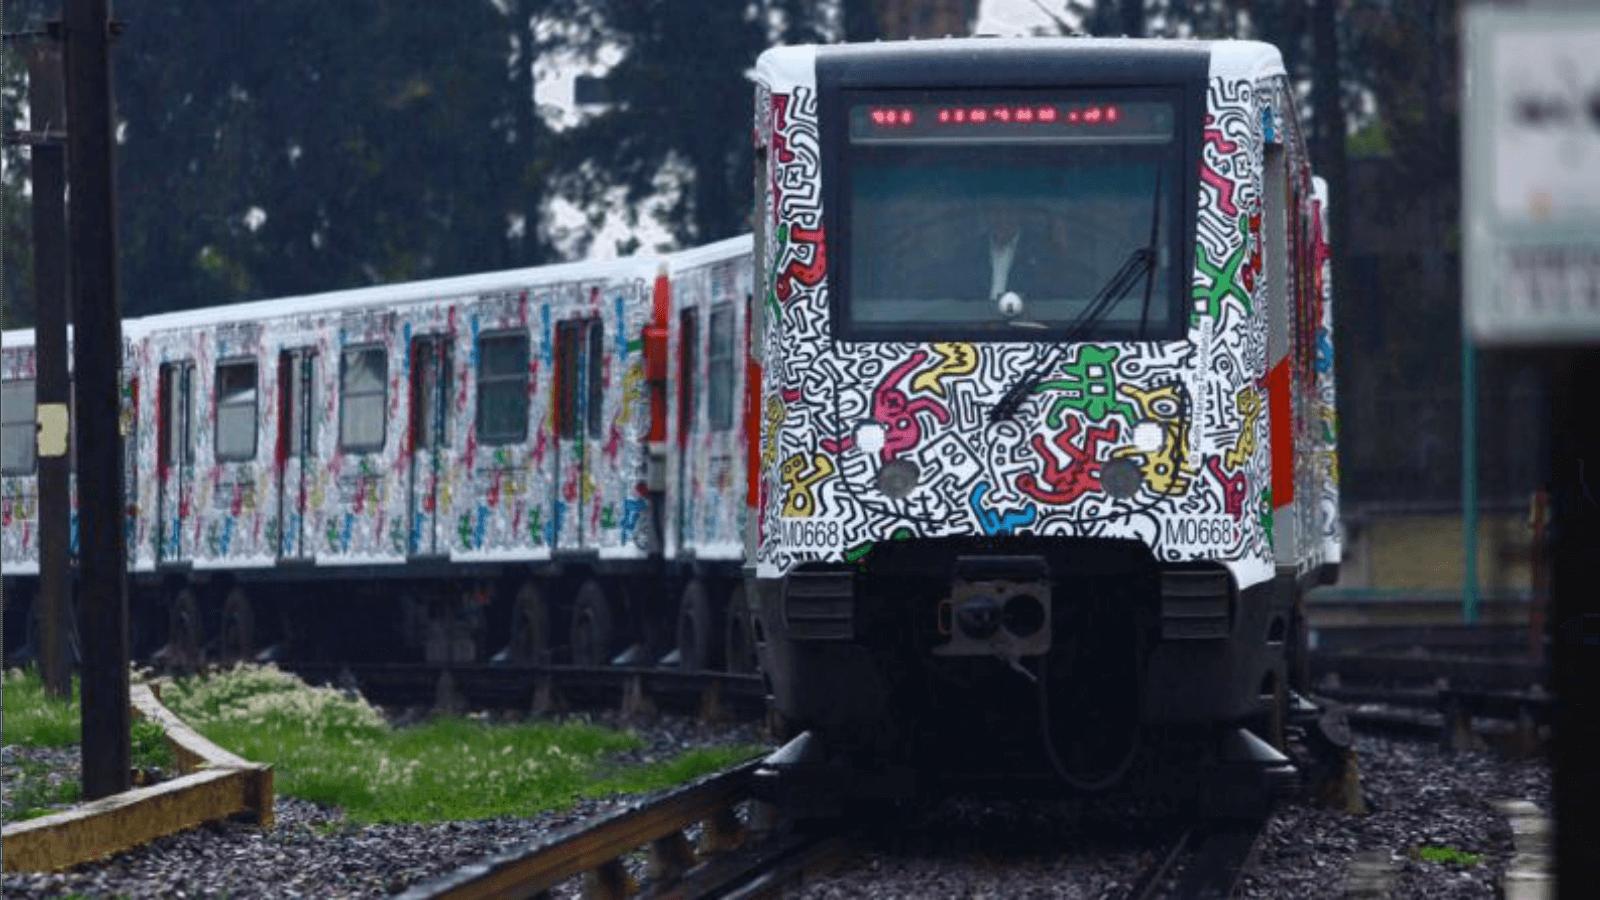 Tren con obra de Keith Haring recorrerá Metro de la Ciudad de México